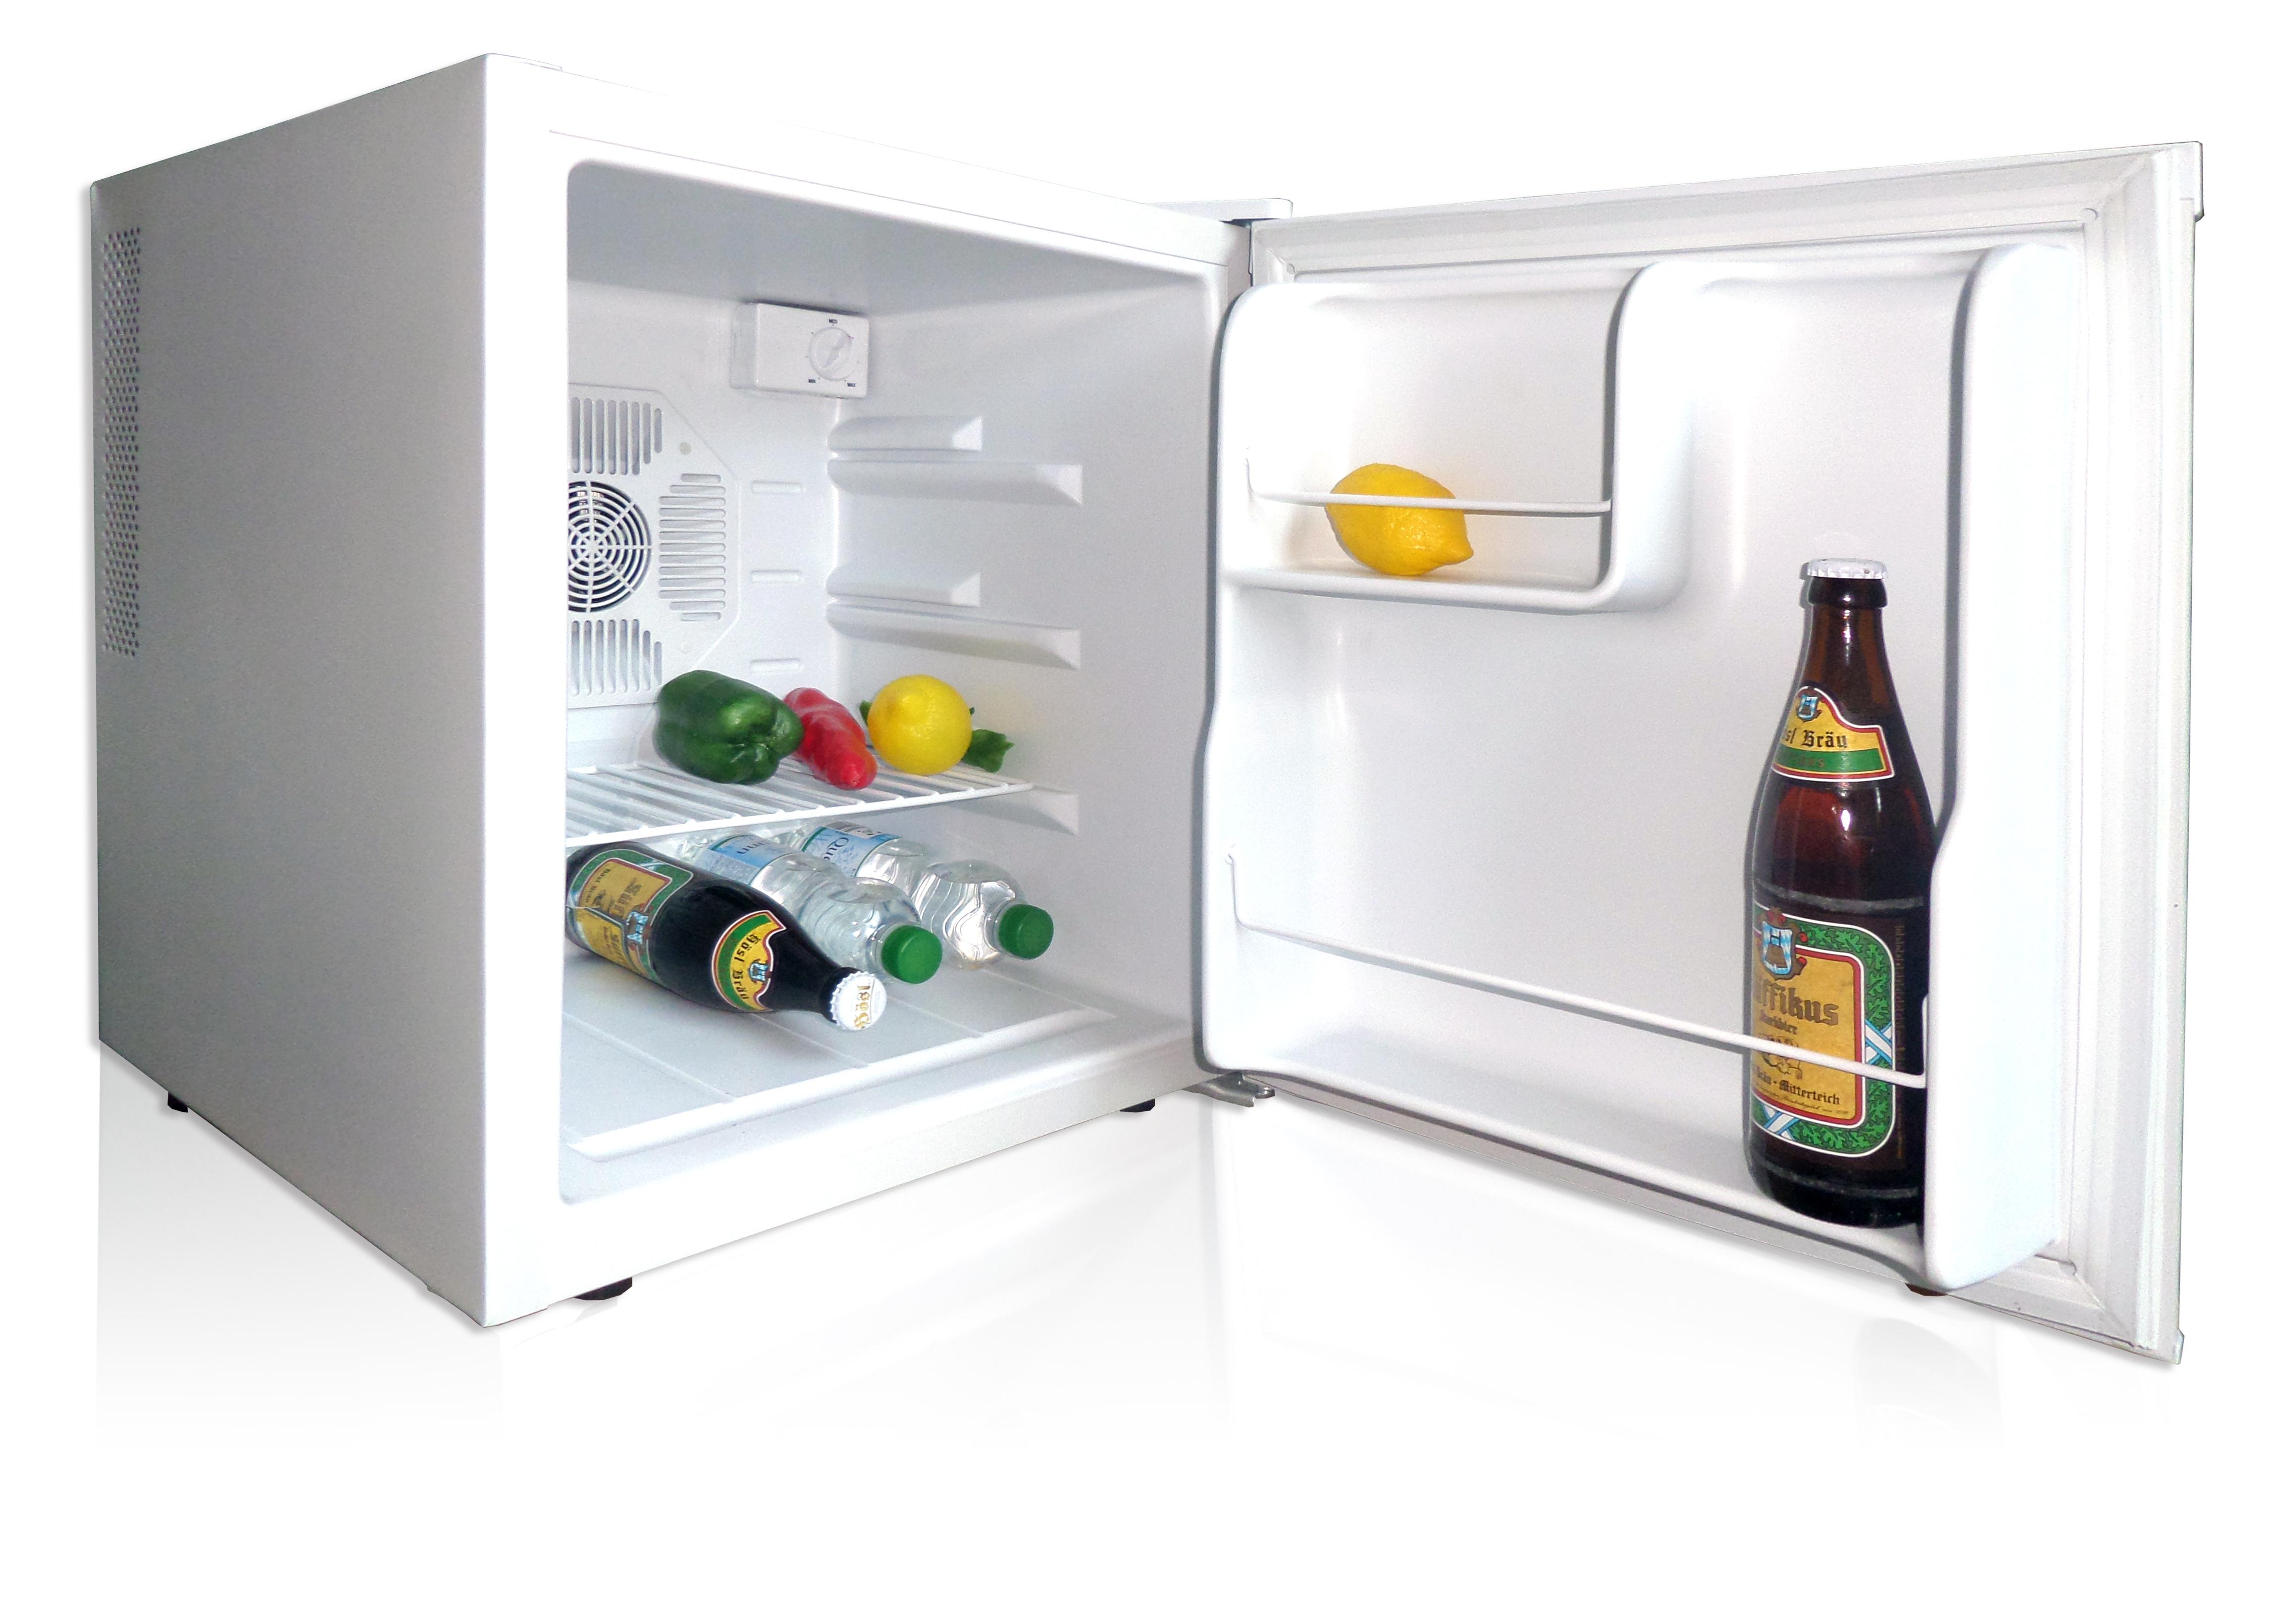 Acopino BC50A Mini Kühlschrank 48L, MiniKühlschrank, B-Ware | eBay